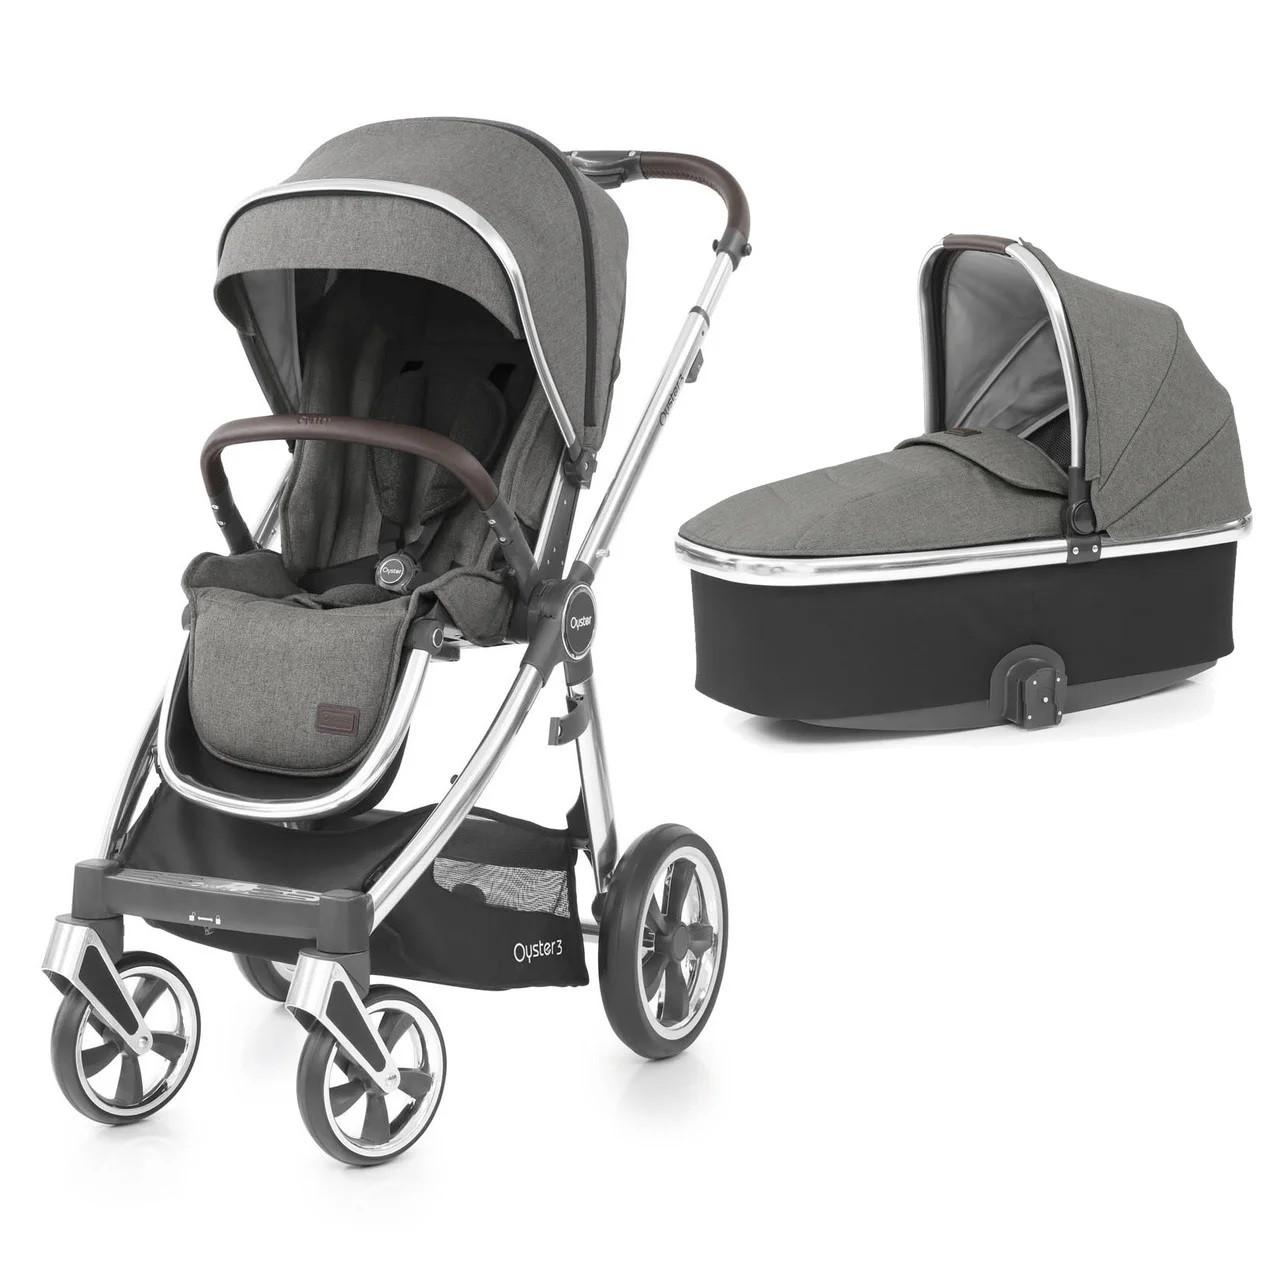 Универсальная коляска 2 в 1 BabyStyle Oyster 3